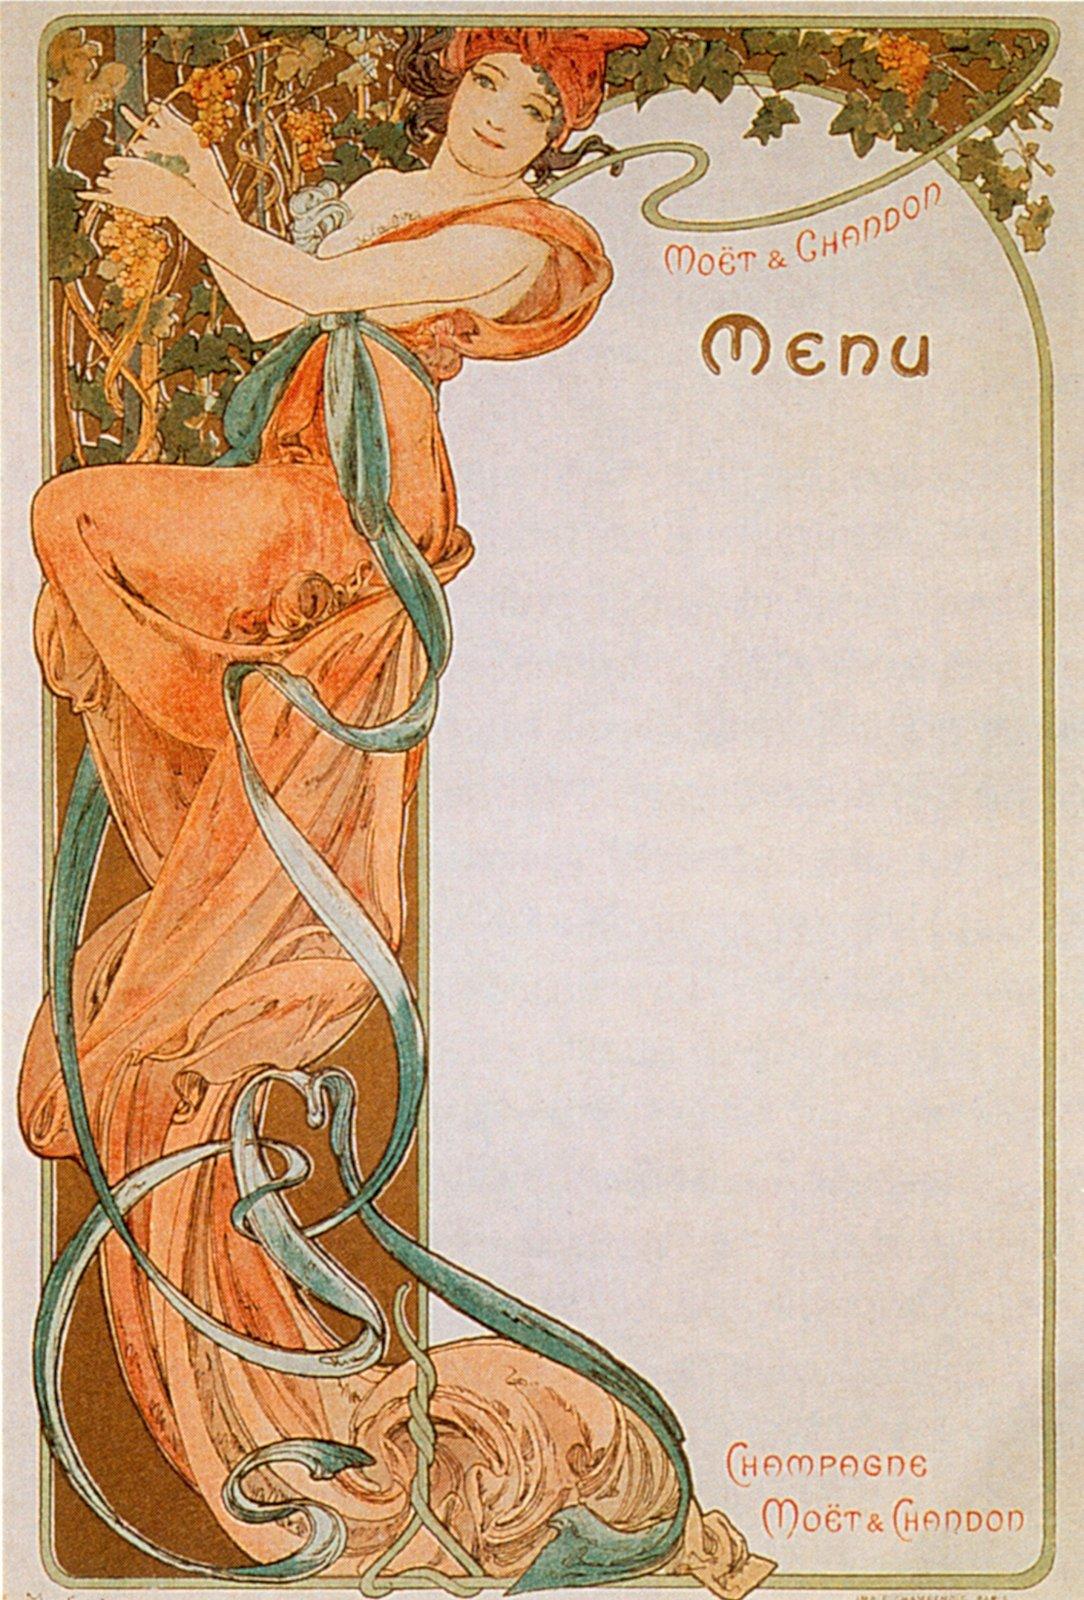 Реклама шампанского Moet & Chandon-Menu 4-1899